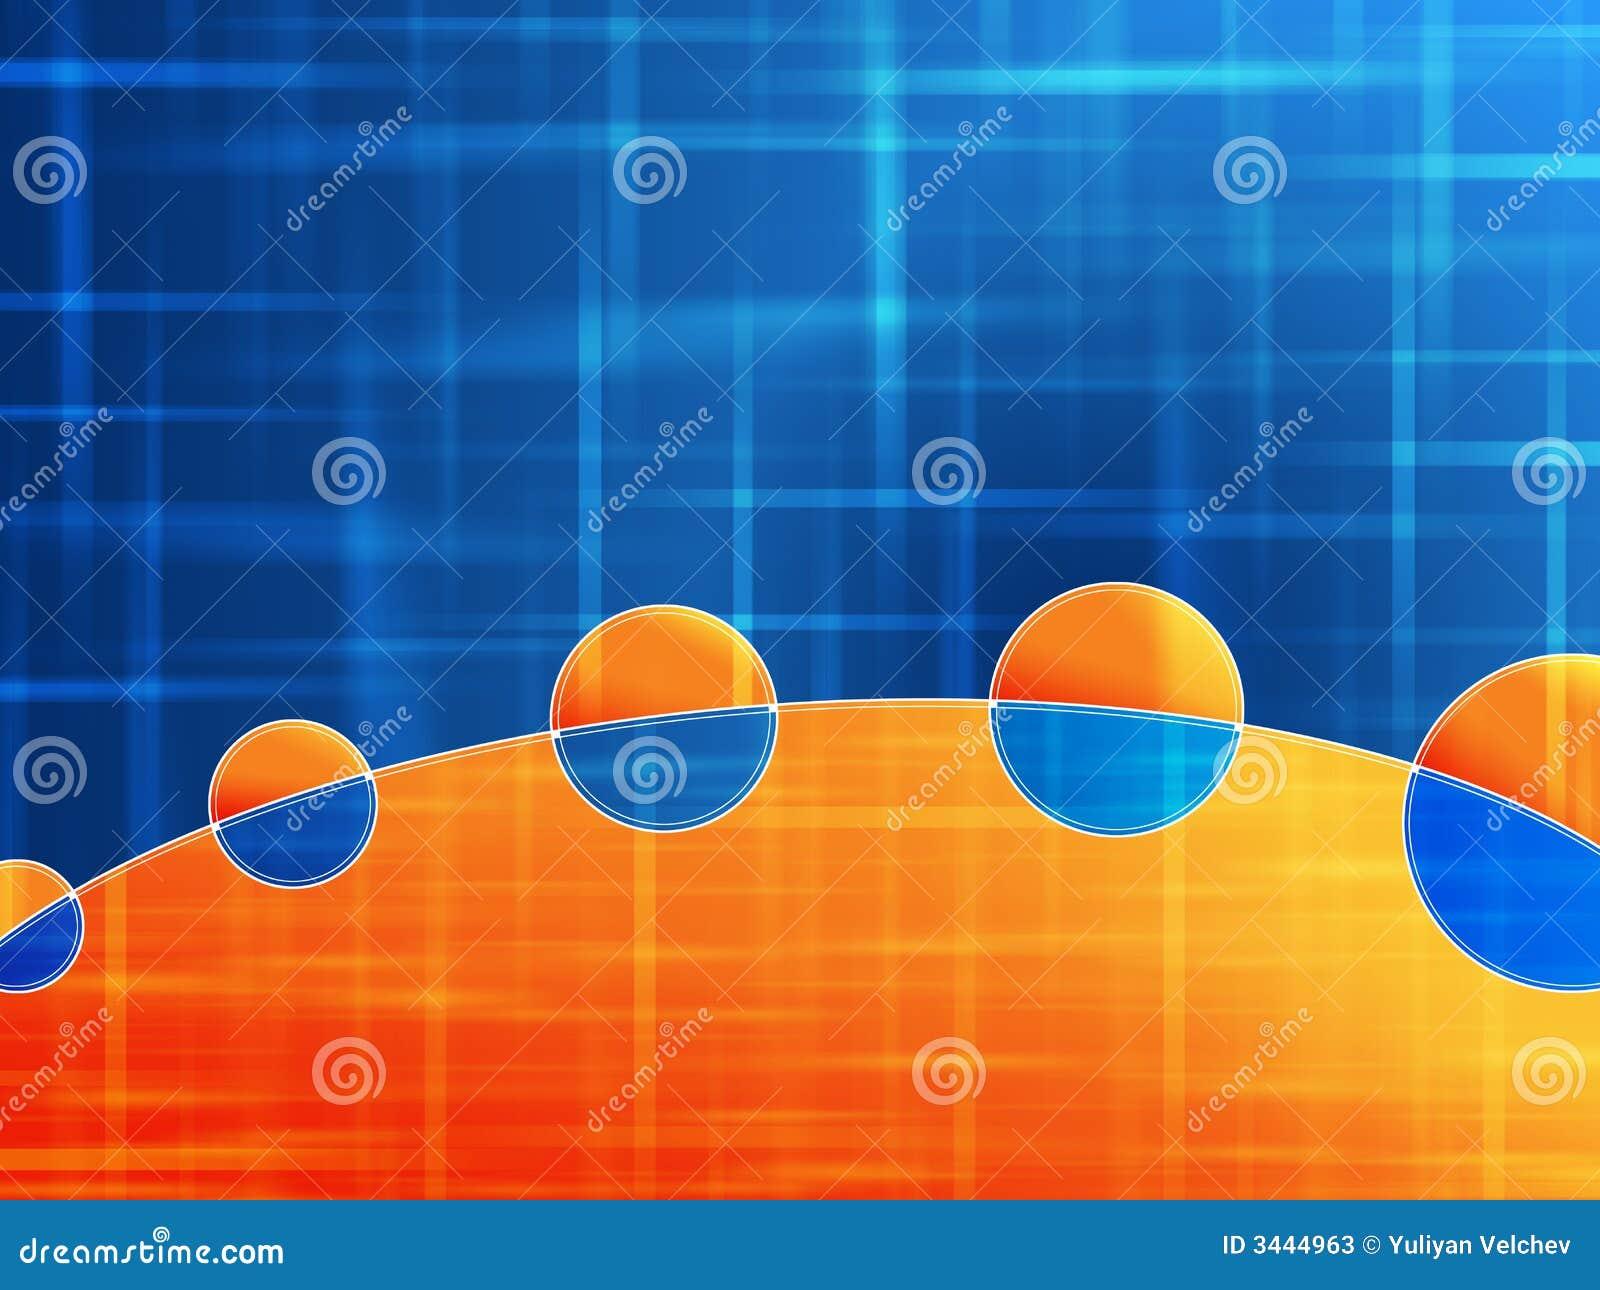 Blue And Orange Background: Orange Blue Background Stock Illustration. Image Of Stripe